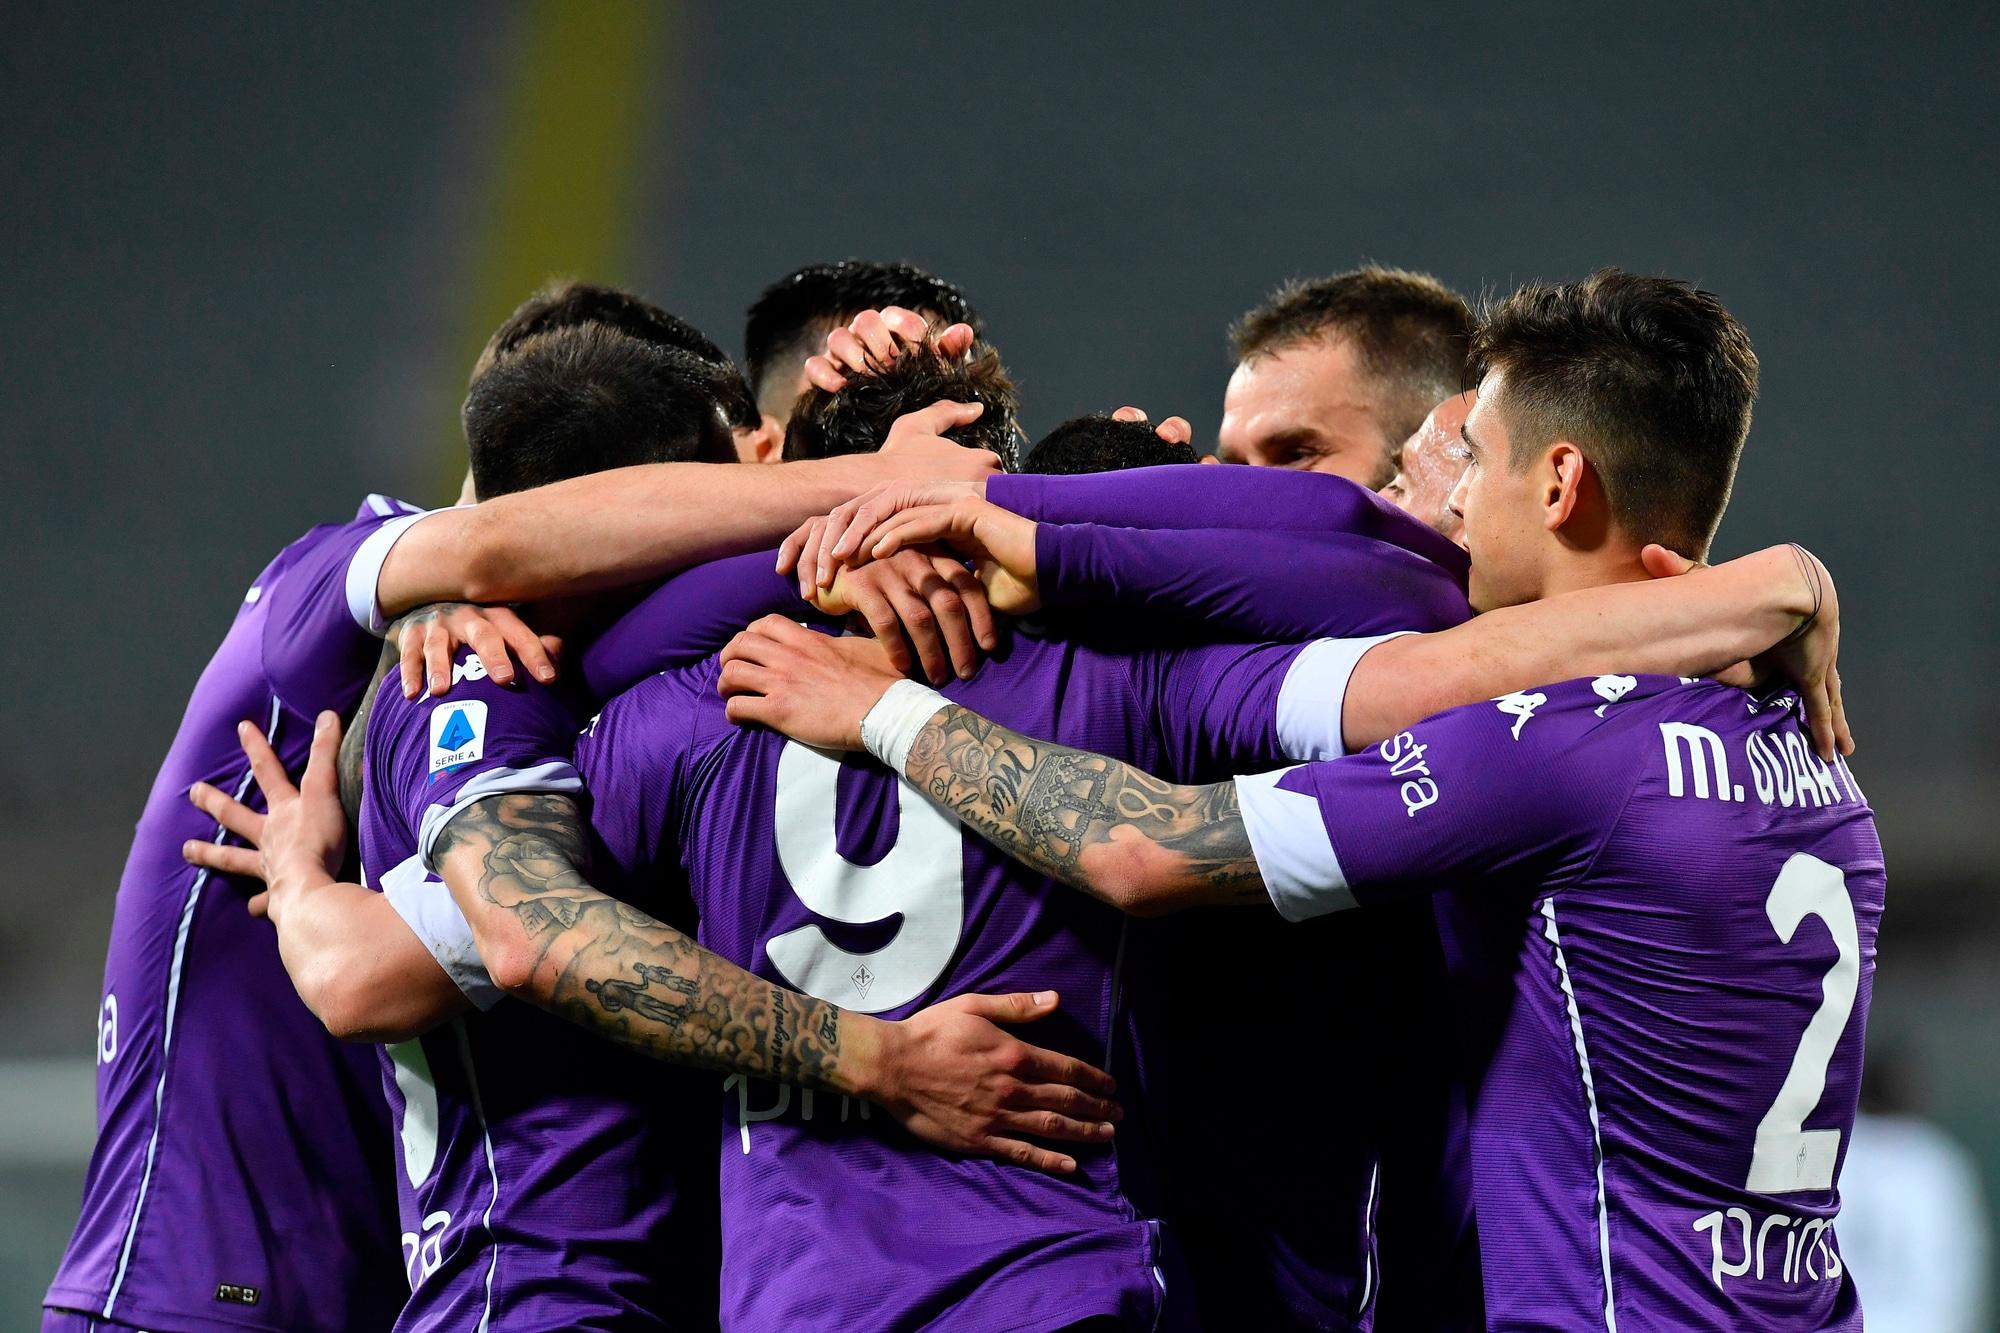 Prandelli batte Italiano: tris della Fiorentina allo Spezia